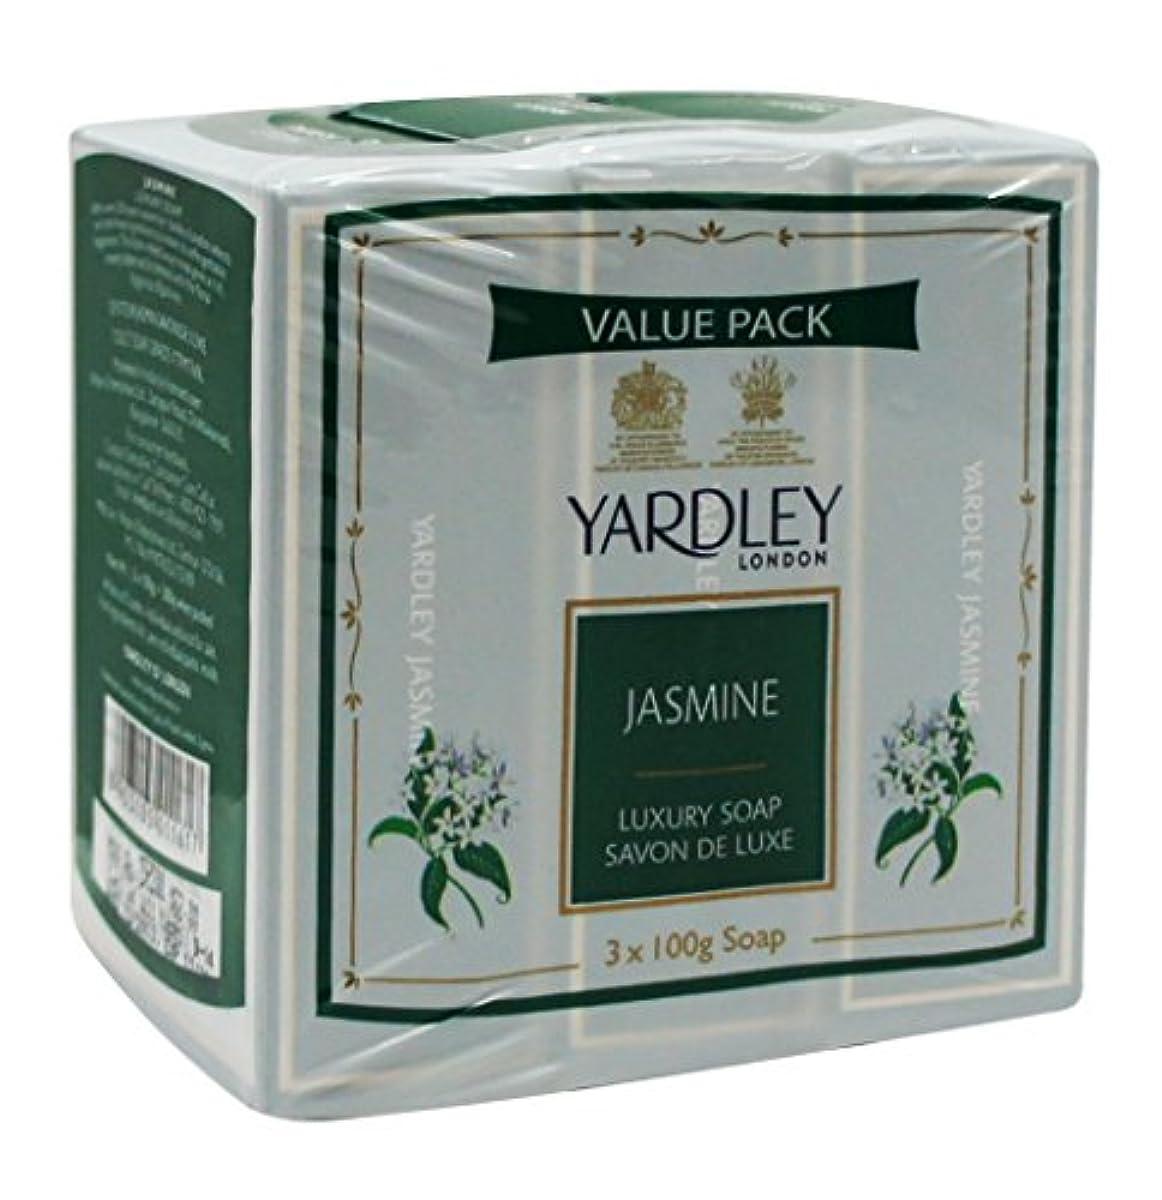 フィッティングブラウスレンディションYardley London Value Pack Luxury Soap 3x100g Jasmine by Yardley